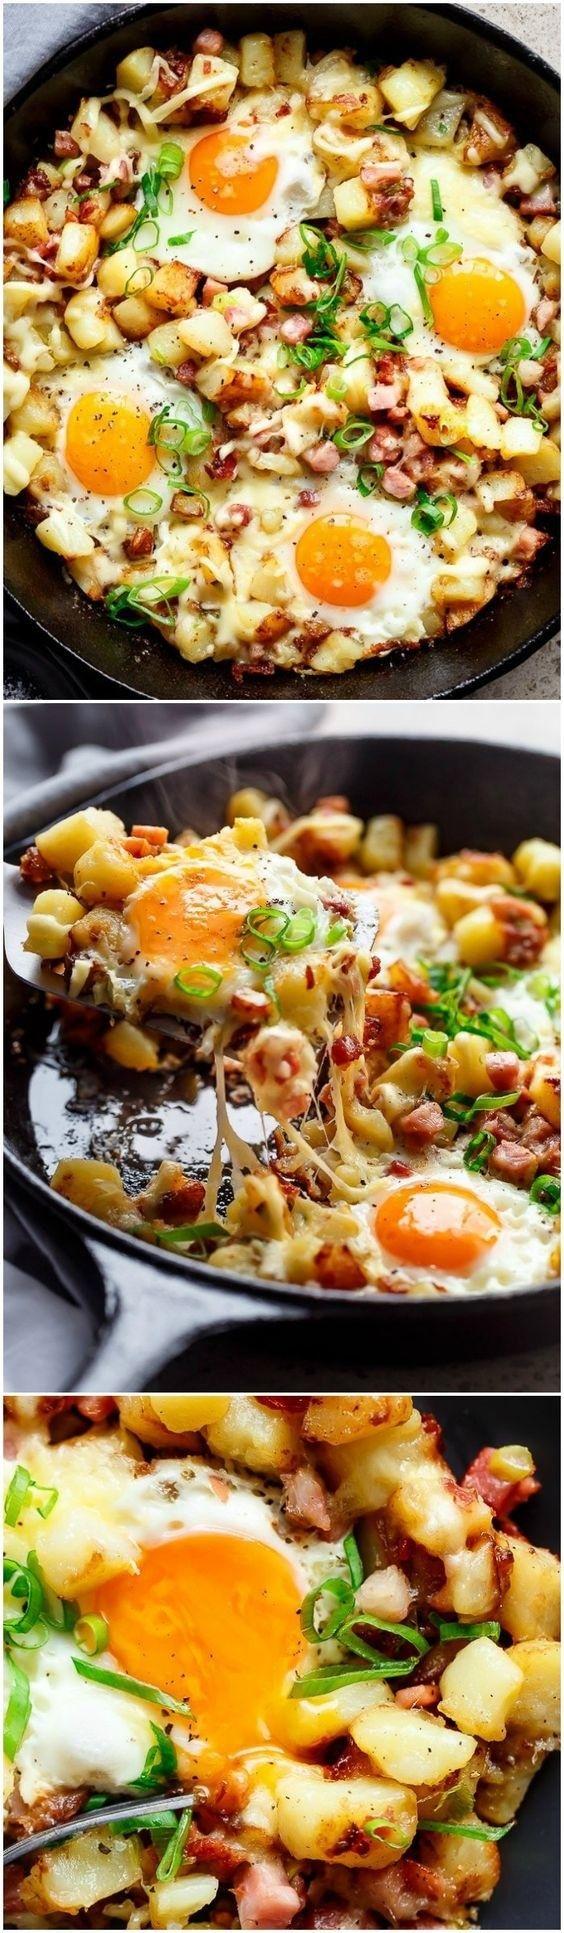 Fríe tus huevos en tu revuelto de patatas, en lugar de al lado.